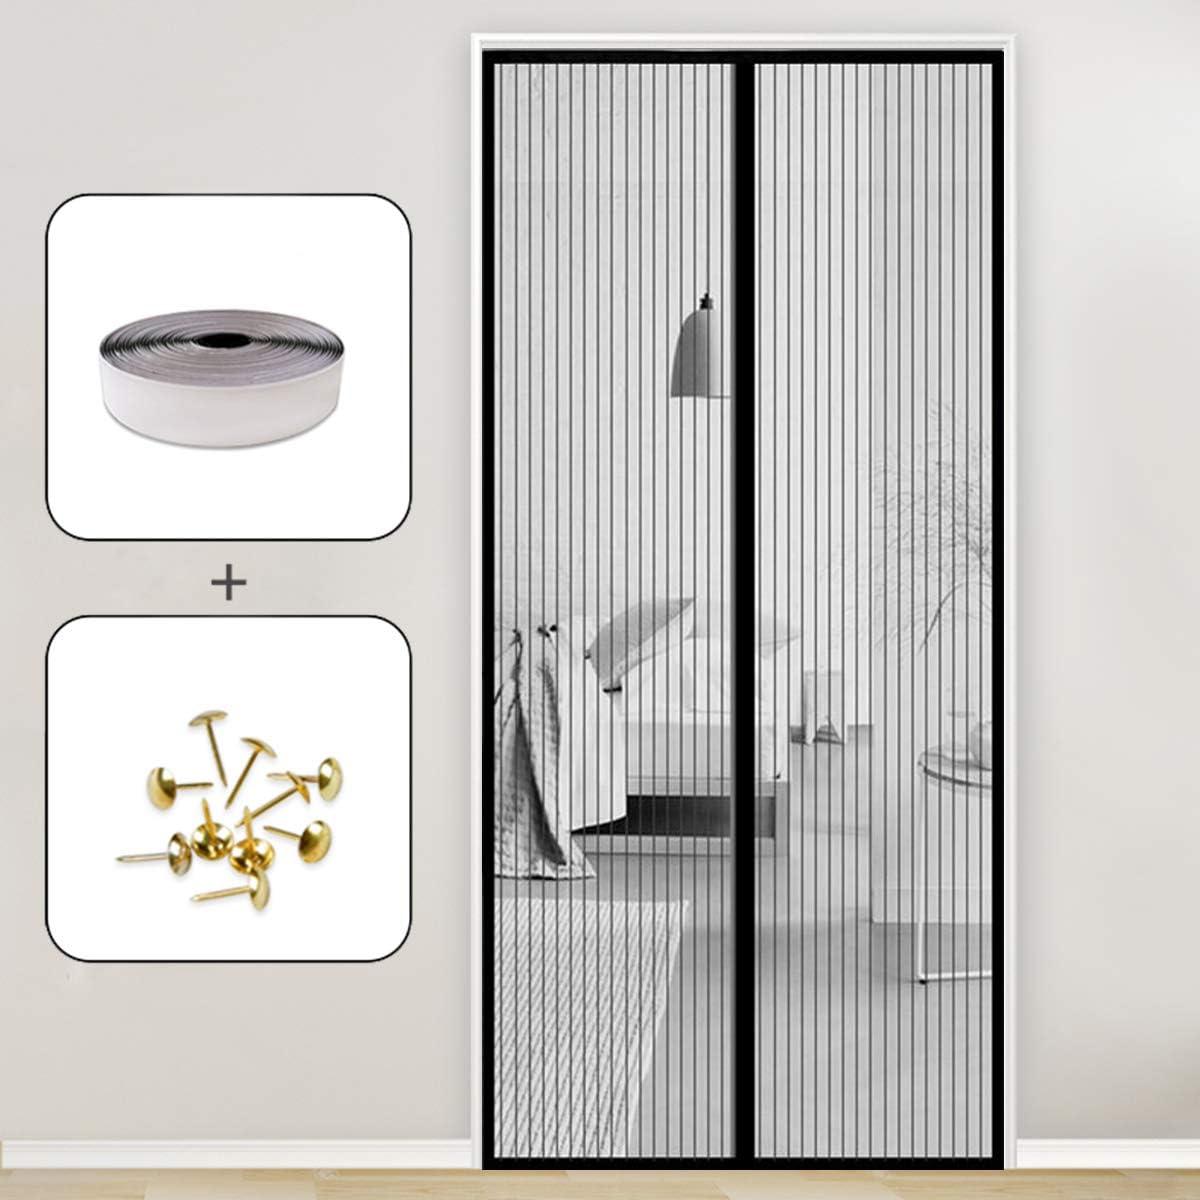 GOUDU Mosquitera Puerta Magnetica, 75x210cm Mosquiteras Enrollables Magnética Automático Cierra Automáticamente para Puertas Correderas/Balcones/Terraza, Negro A: Amazon.es: Hogar